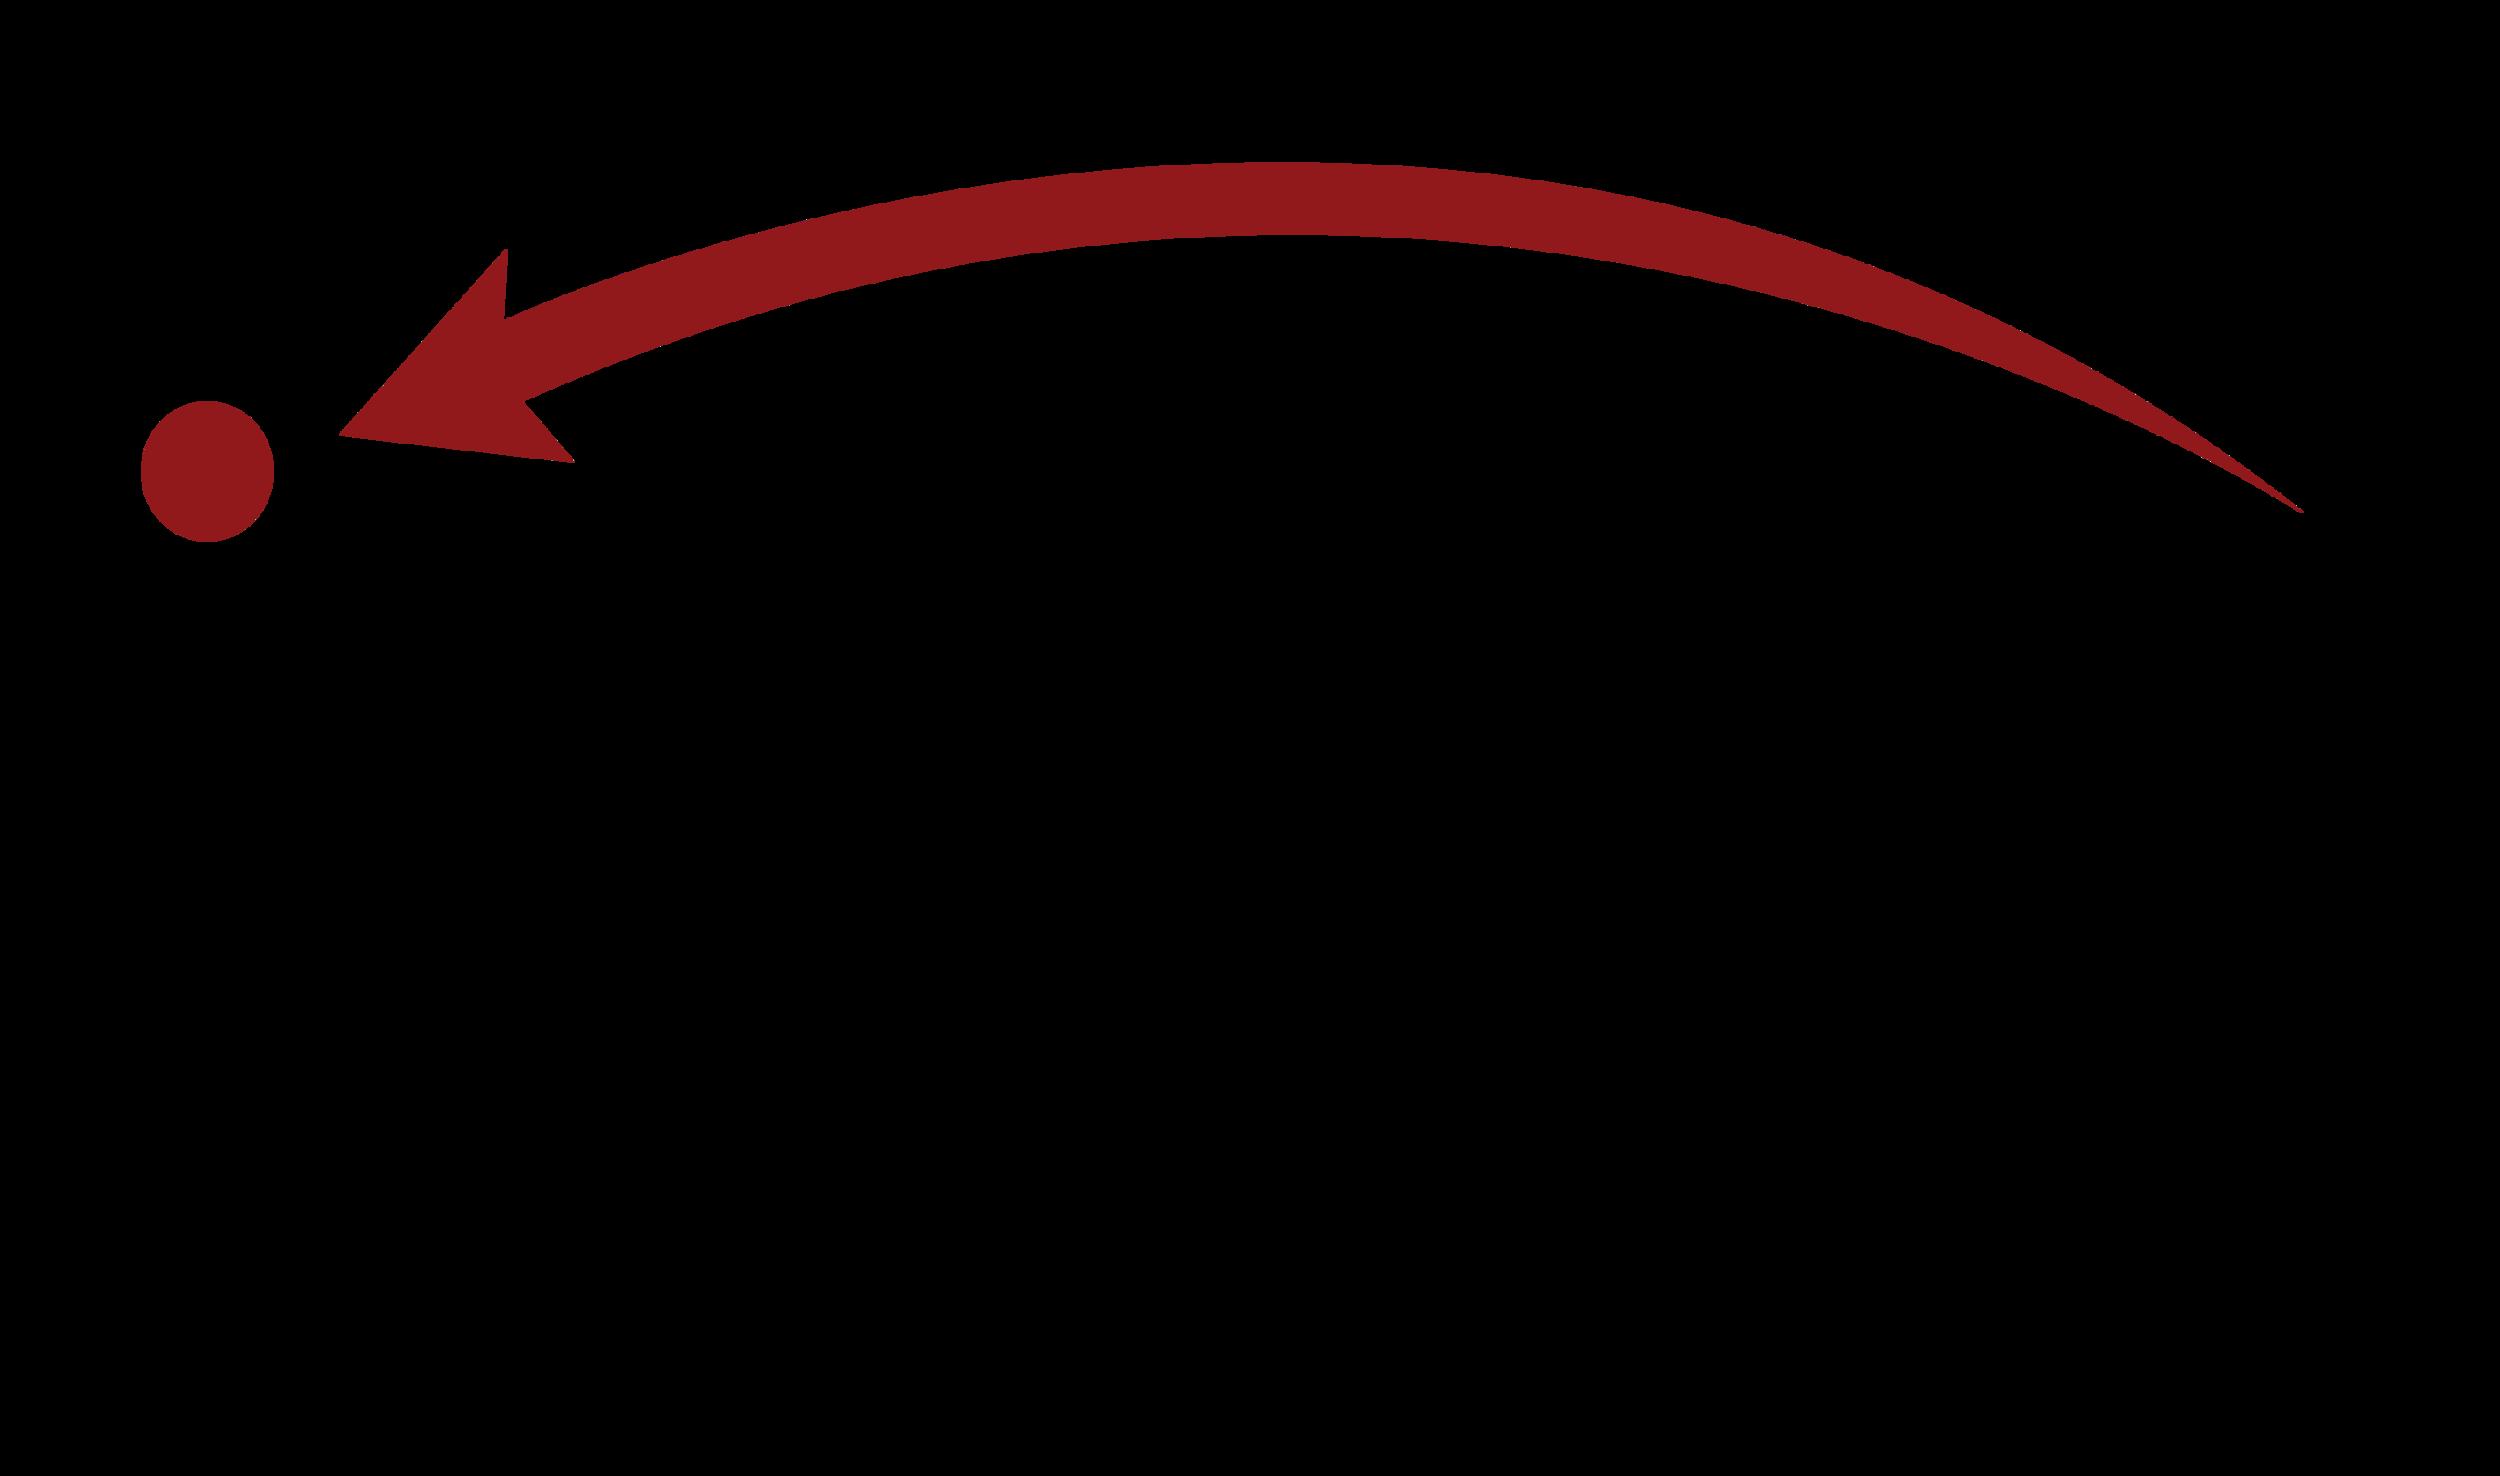 iscg_logo copy.png